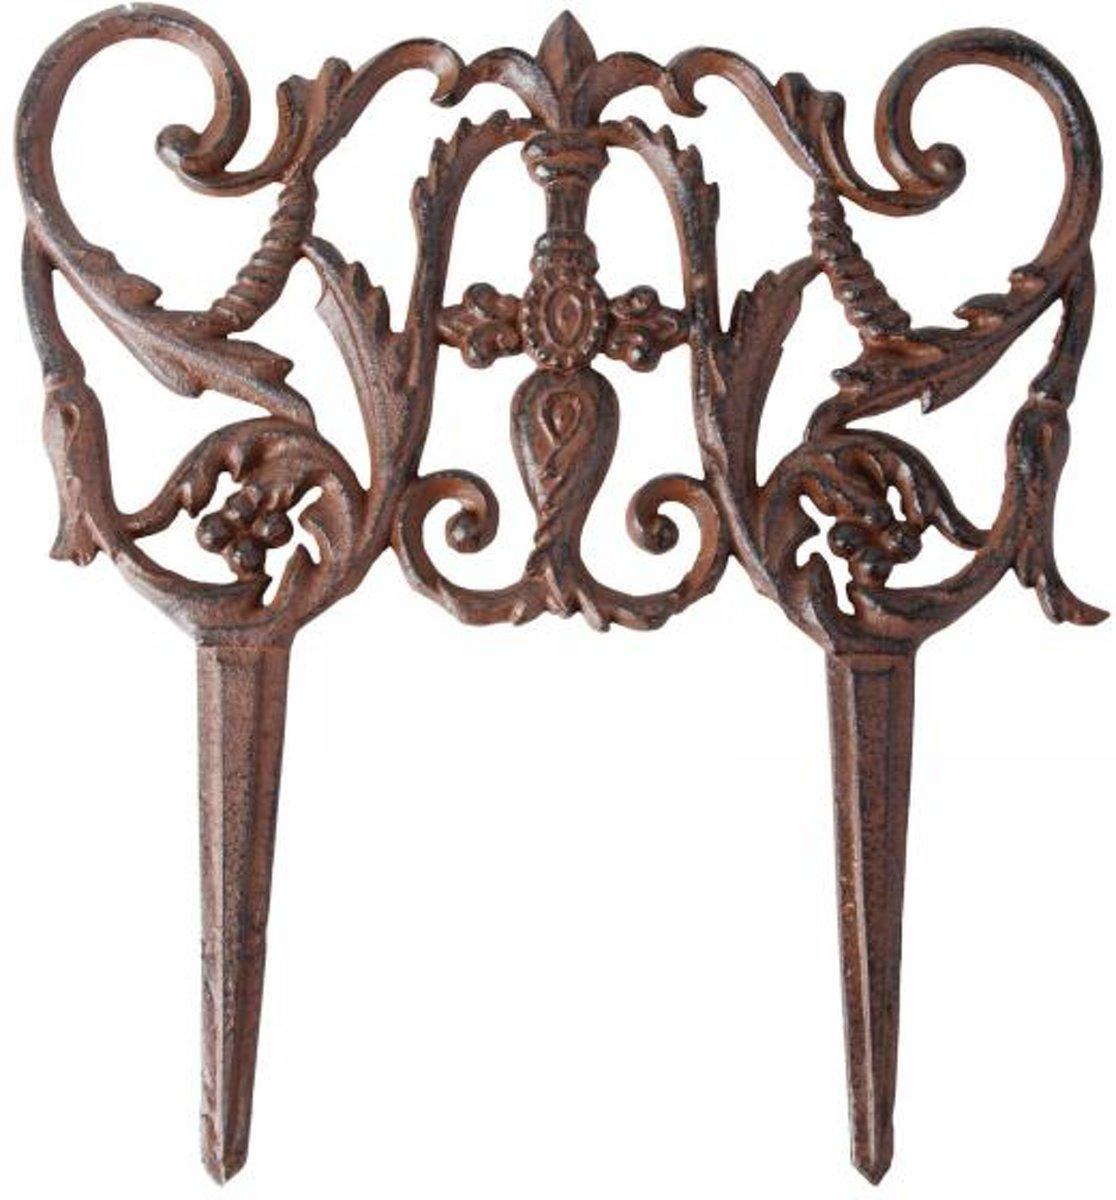 Perkhek Victoriaanse stijl 28,5 x 31 cm - set van 2 stuks kopen